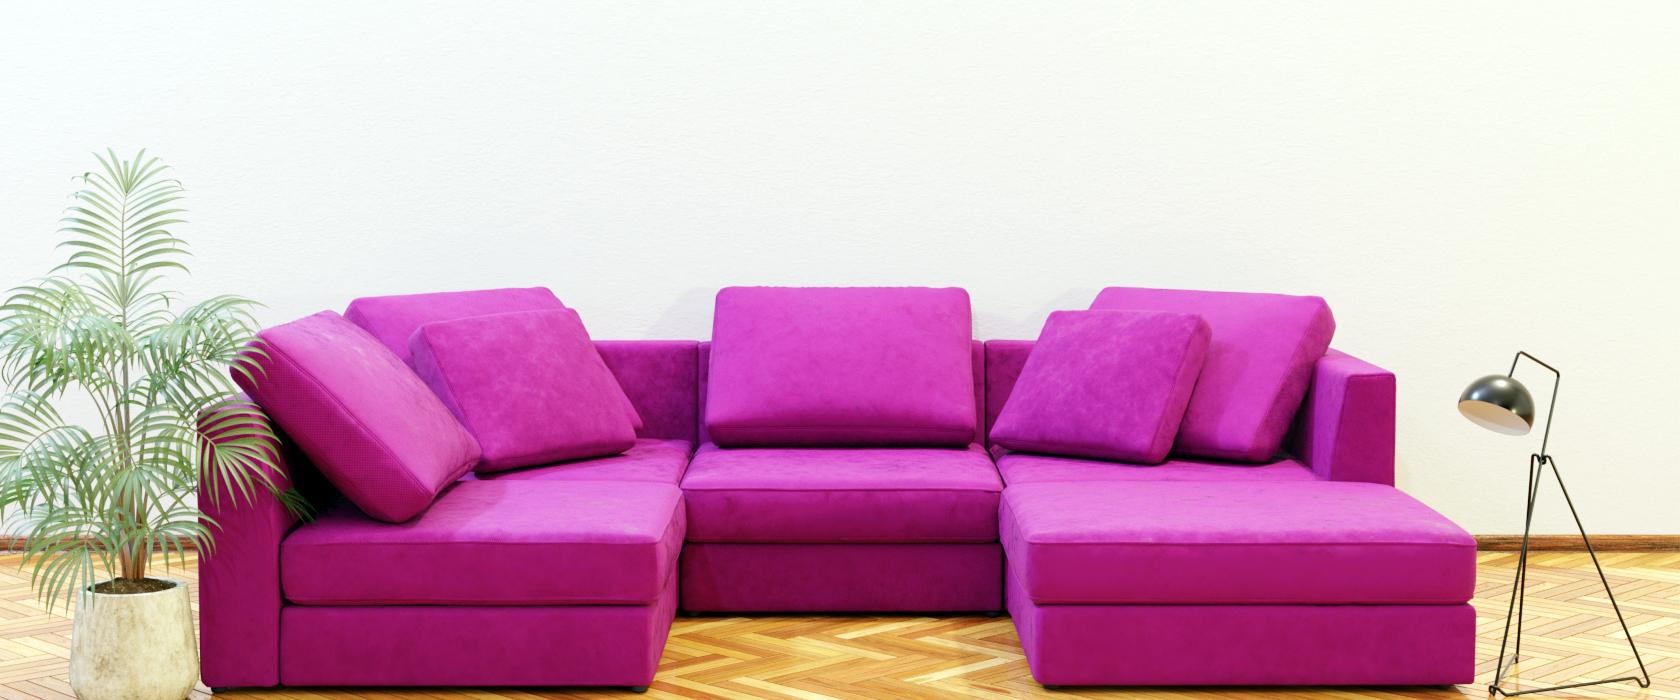 Модульный диван Lisboa 288x216 - Фото 2 - Pufetto